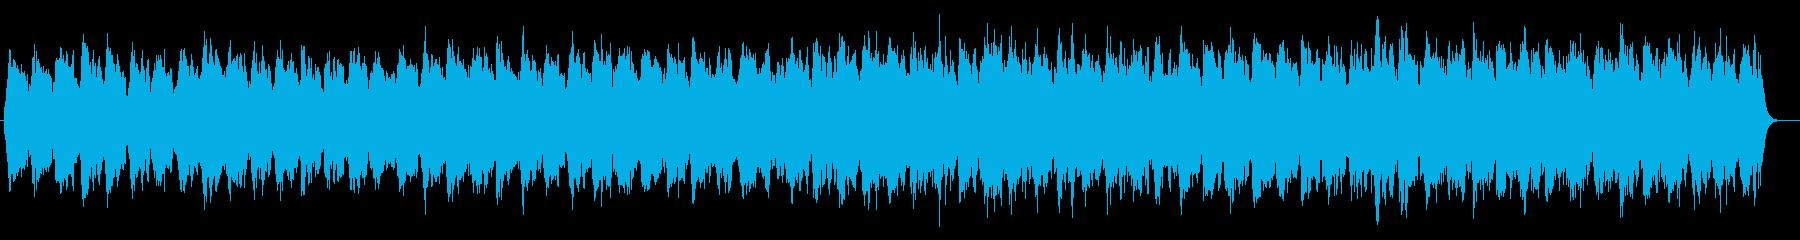 ゆっくりと眠れるヒーリングシンセサウンドの再生済みの波形